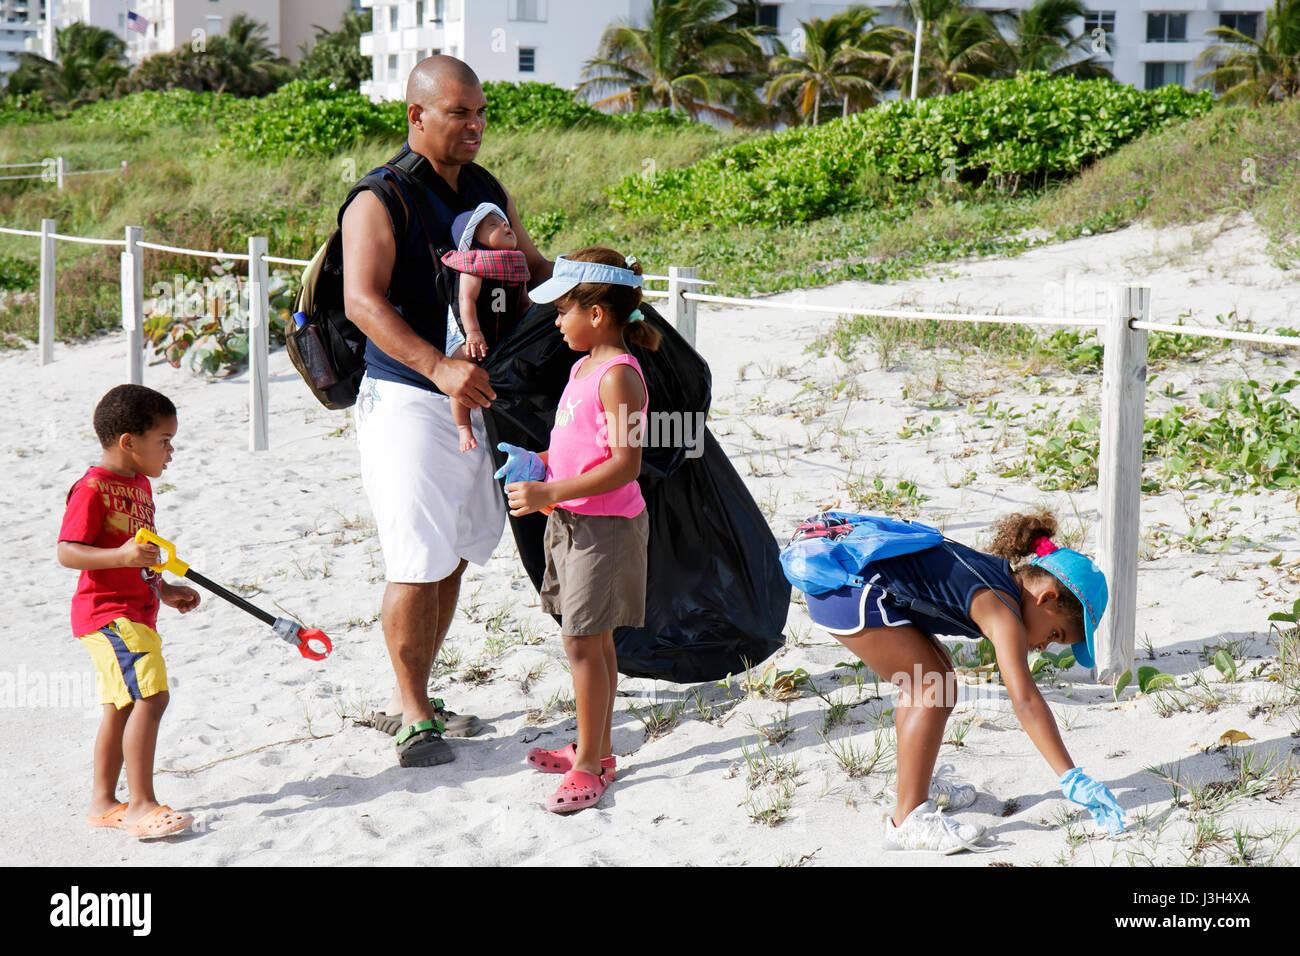 Miami Beach Florida International Lummus Park bénévoles nettoyage des côtes homme noir bébé fille garçon enfants Banque D'Images